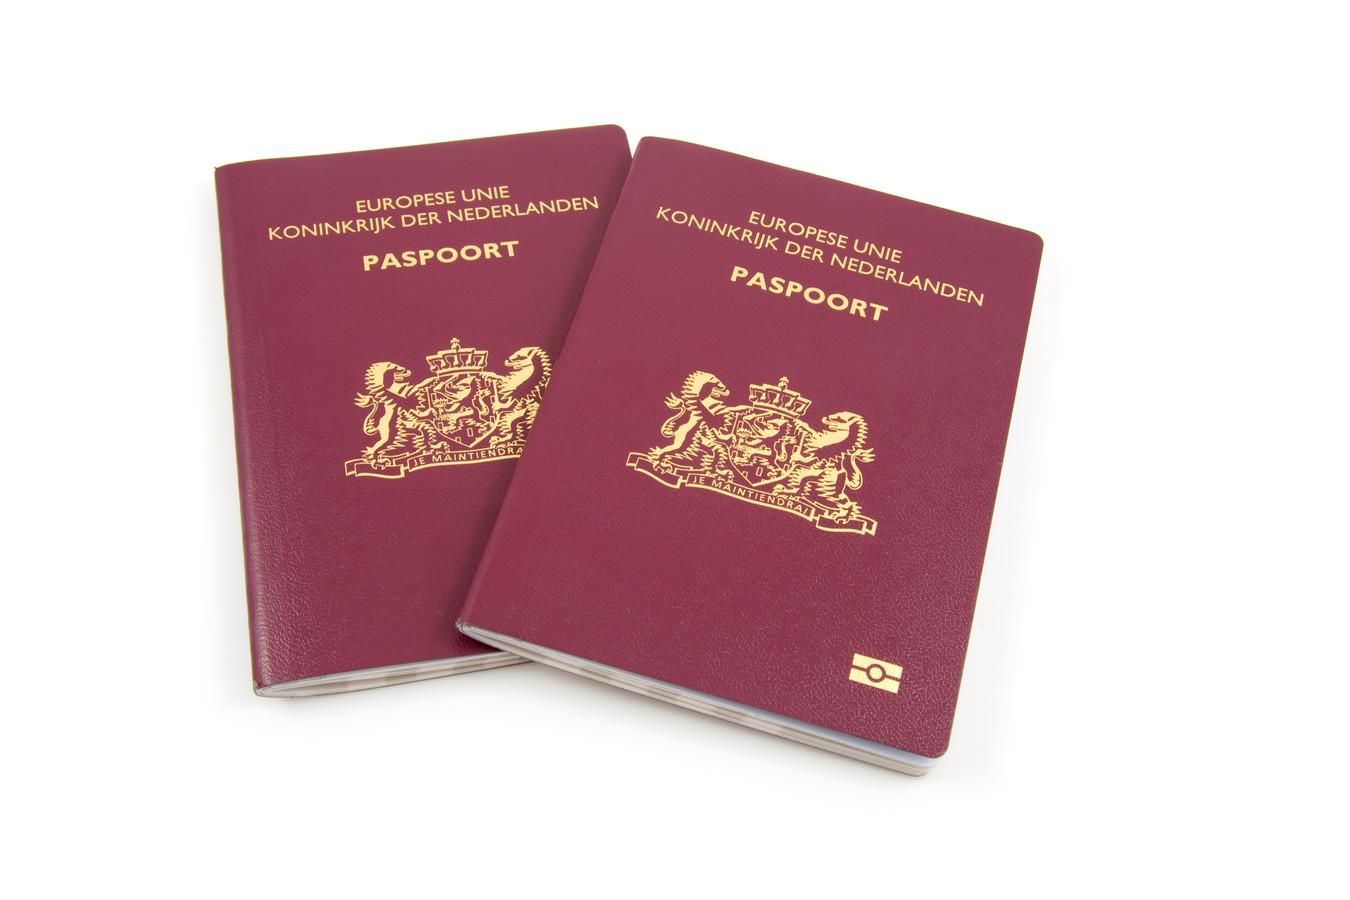 Nederlandse paspoorten.